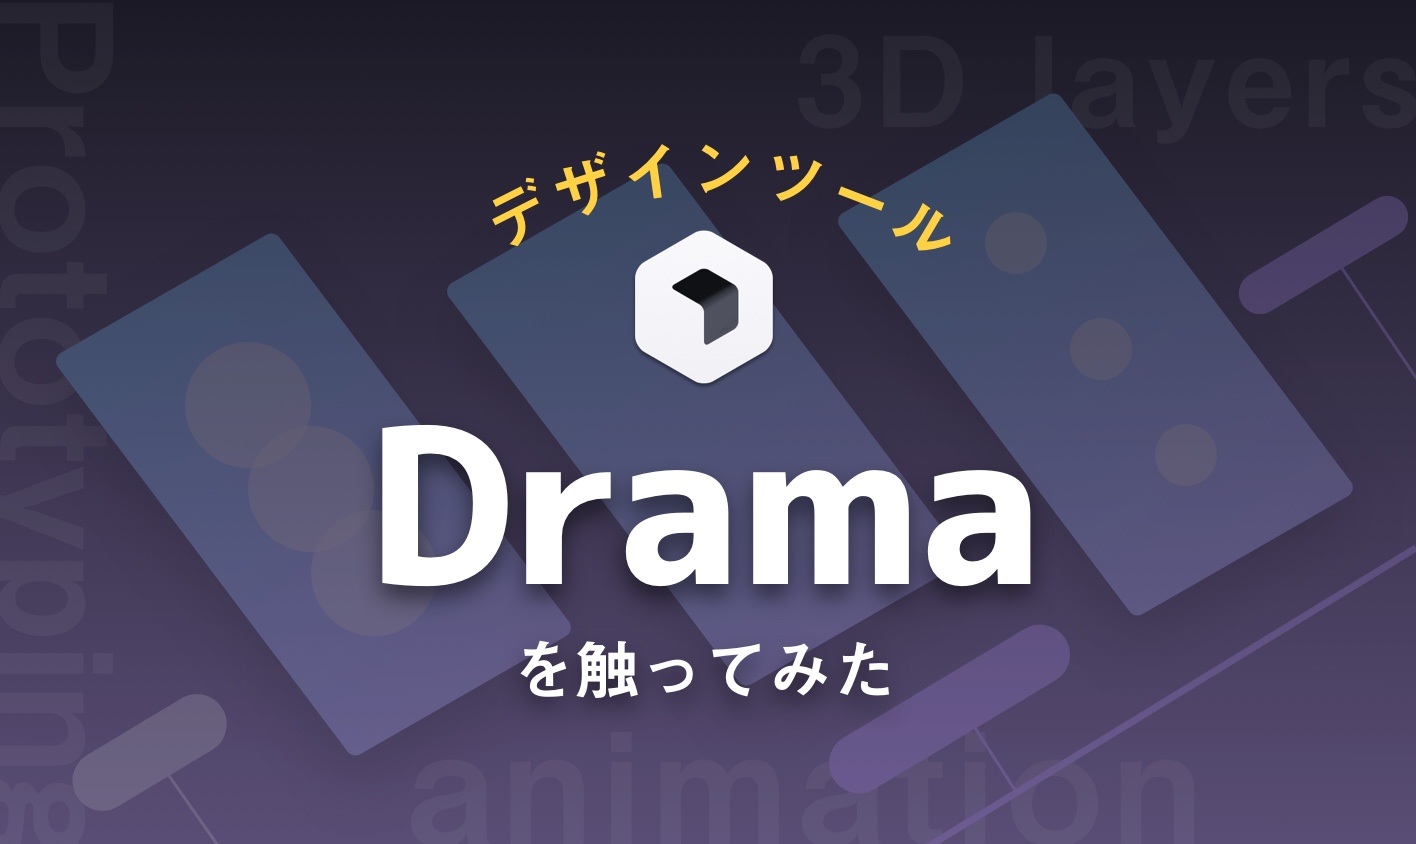 ogp_drama.jpg (130.7 kB)